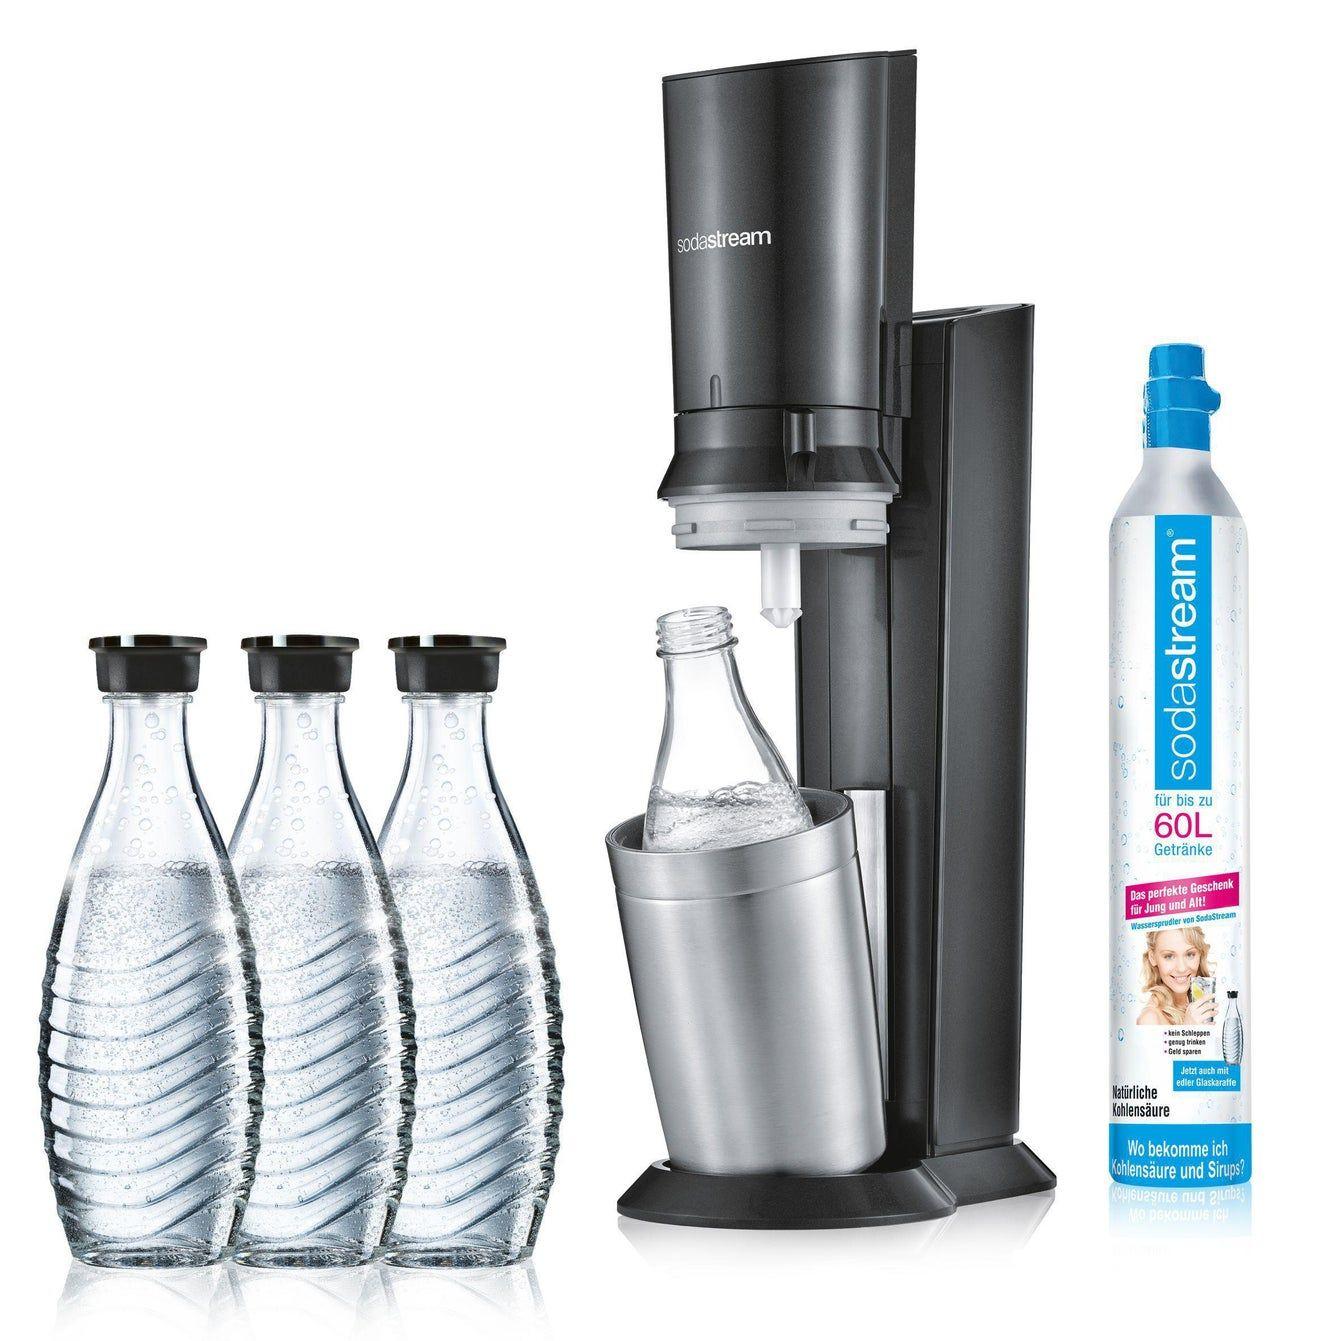 Sodastream Crystal 2.0 Promopack mit 3 (!) Karaffen